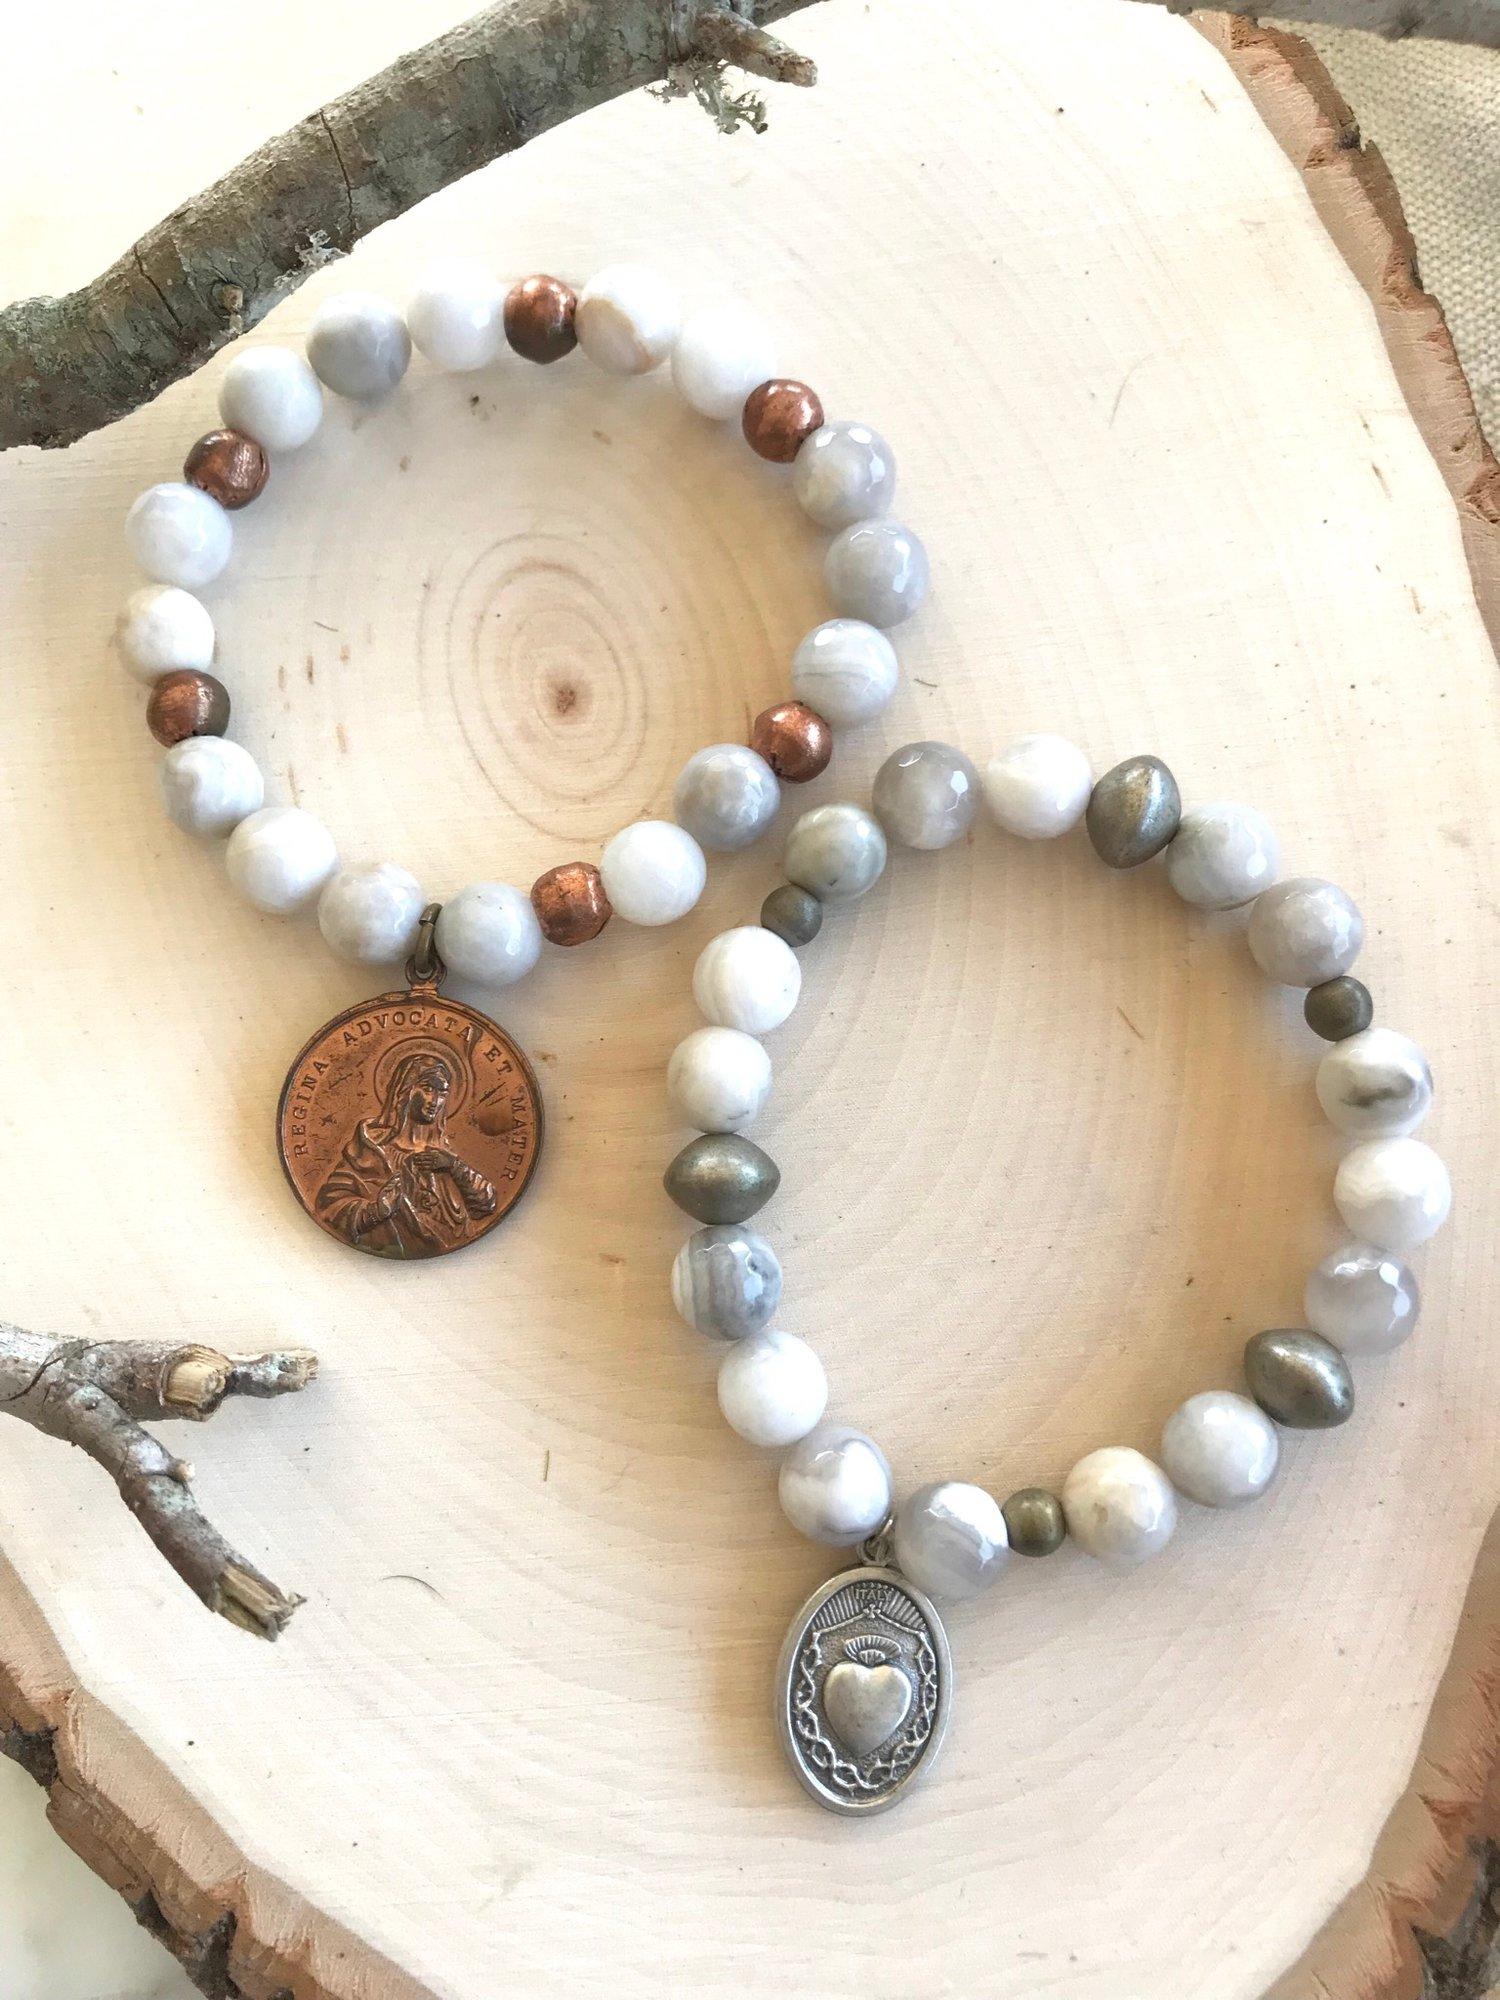 Image of Vintage Religious Medal Bracelets